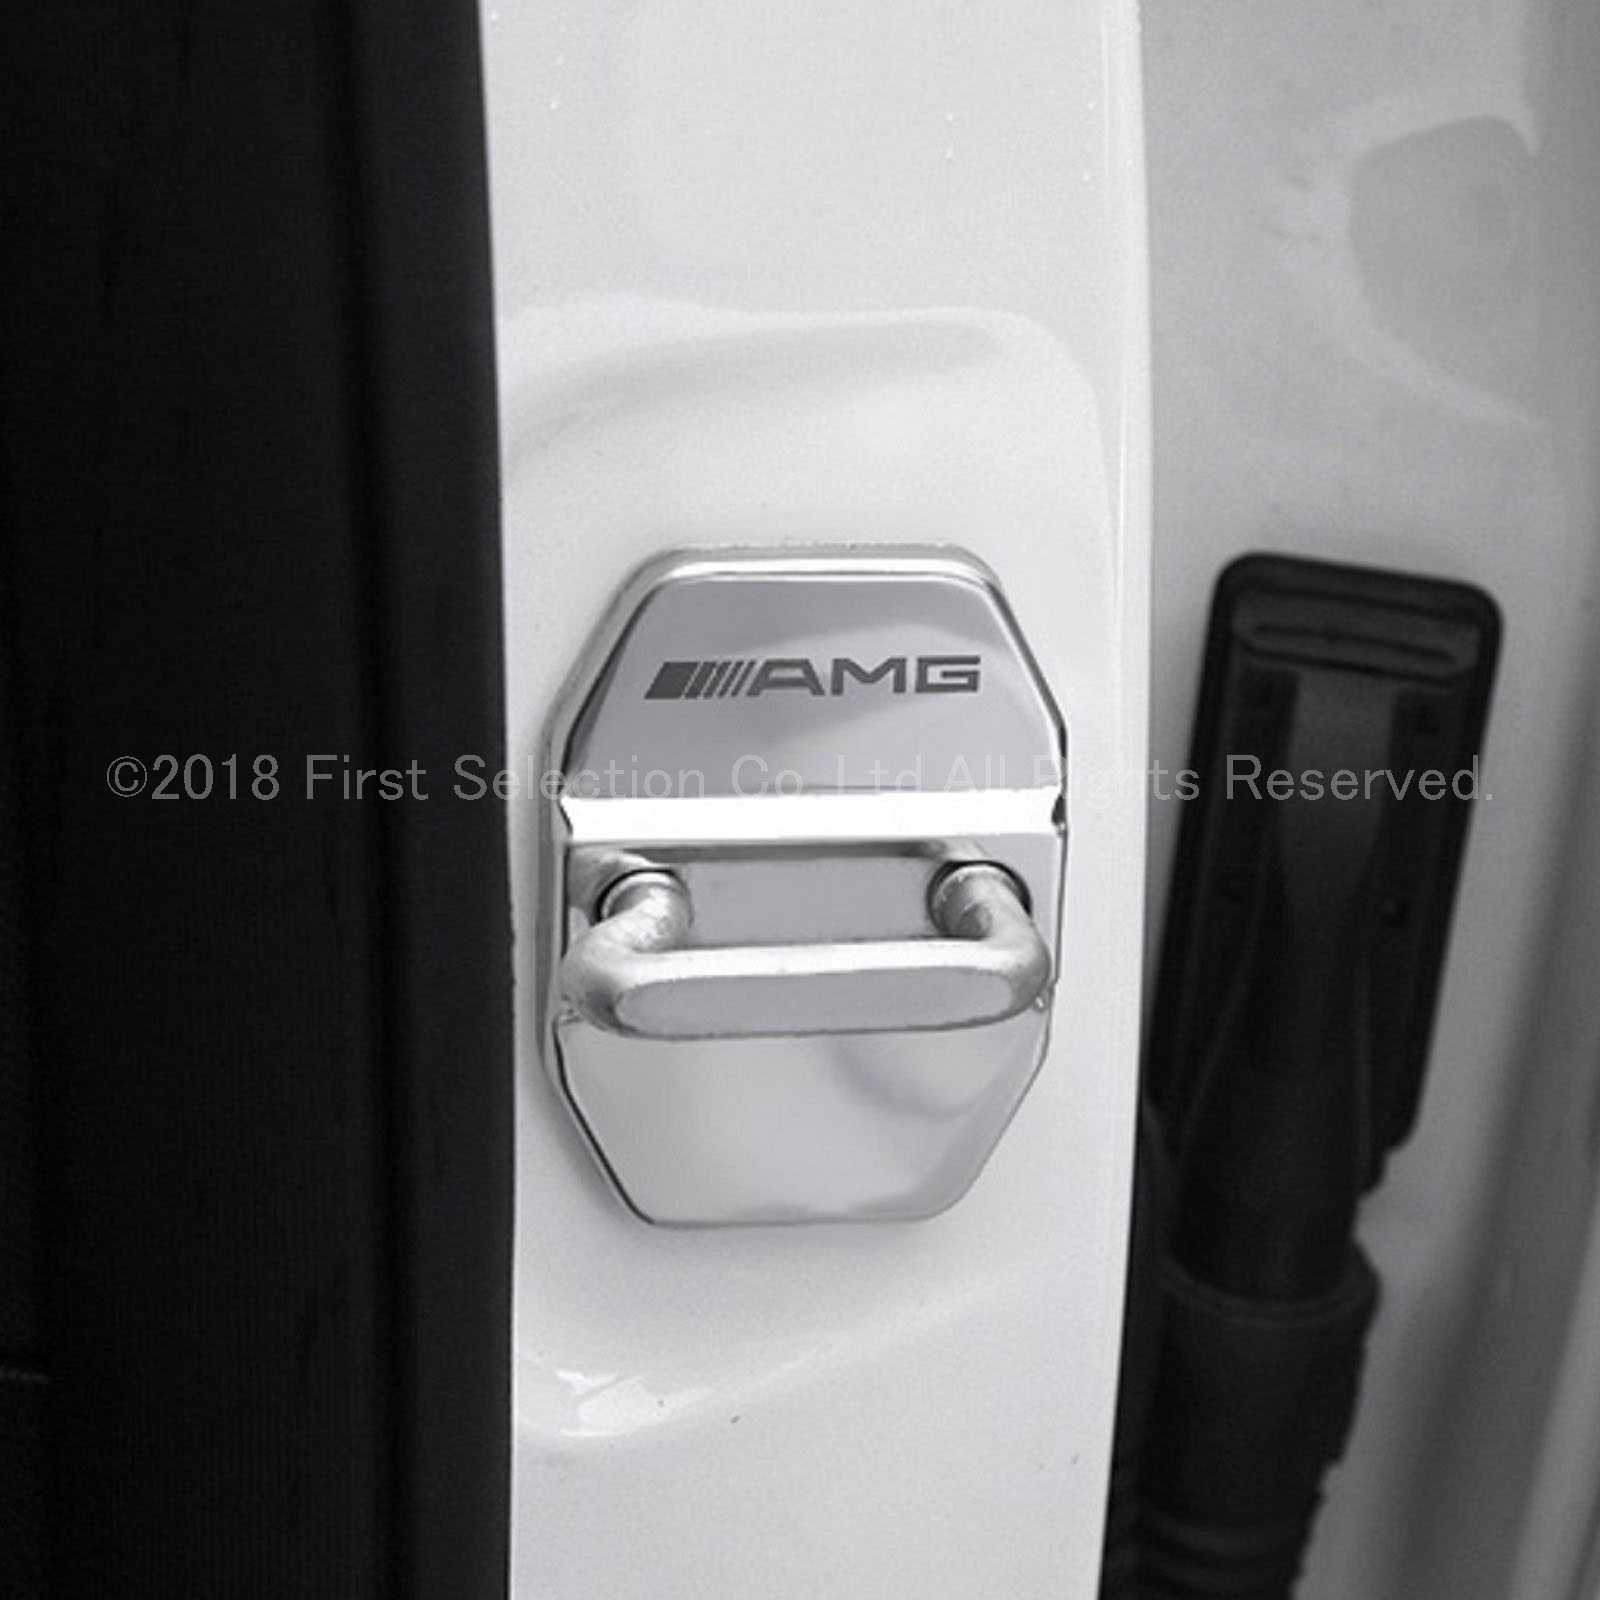 Mercedes-Benz ベンツ用 AMGロゴ 汎用金属製ドアストライカーカバー4ピース 鏡面シルバー